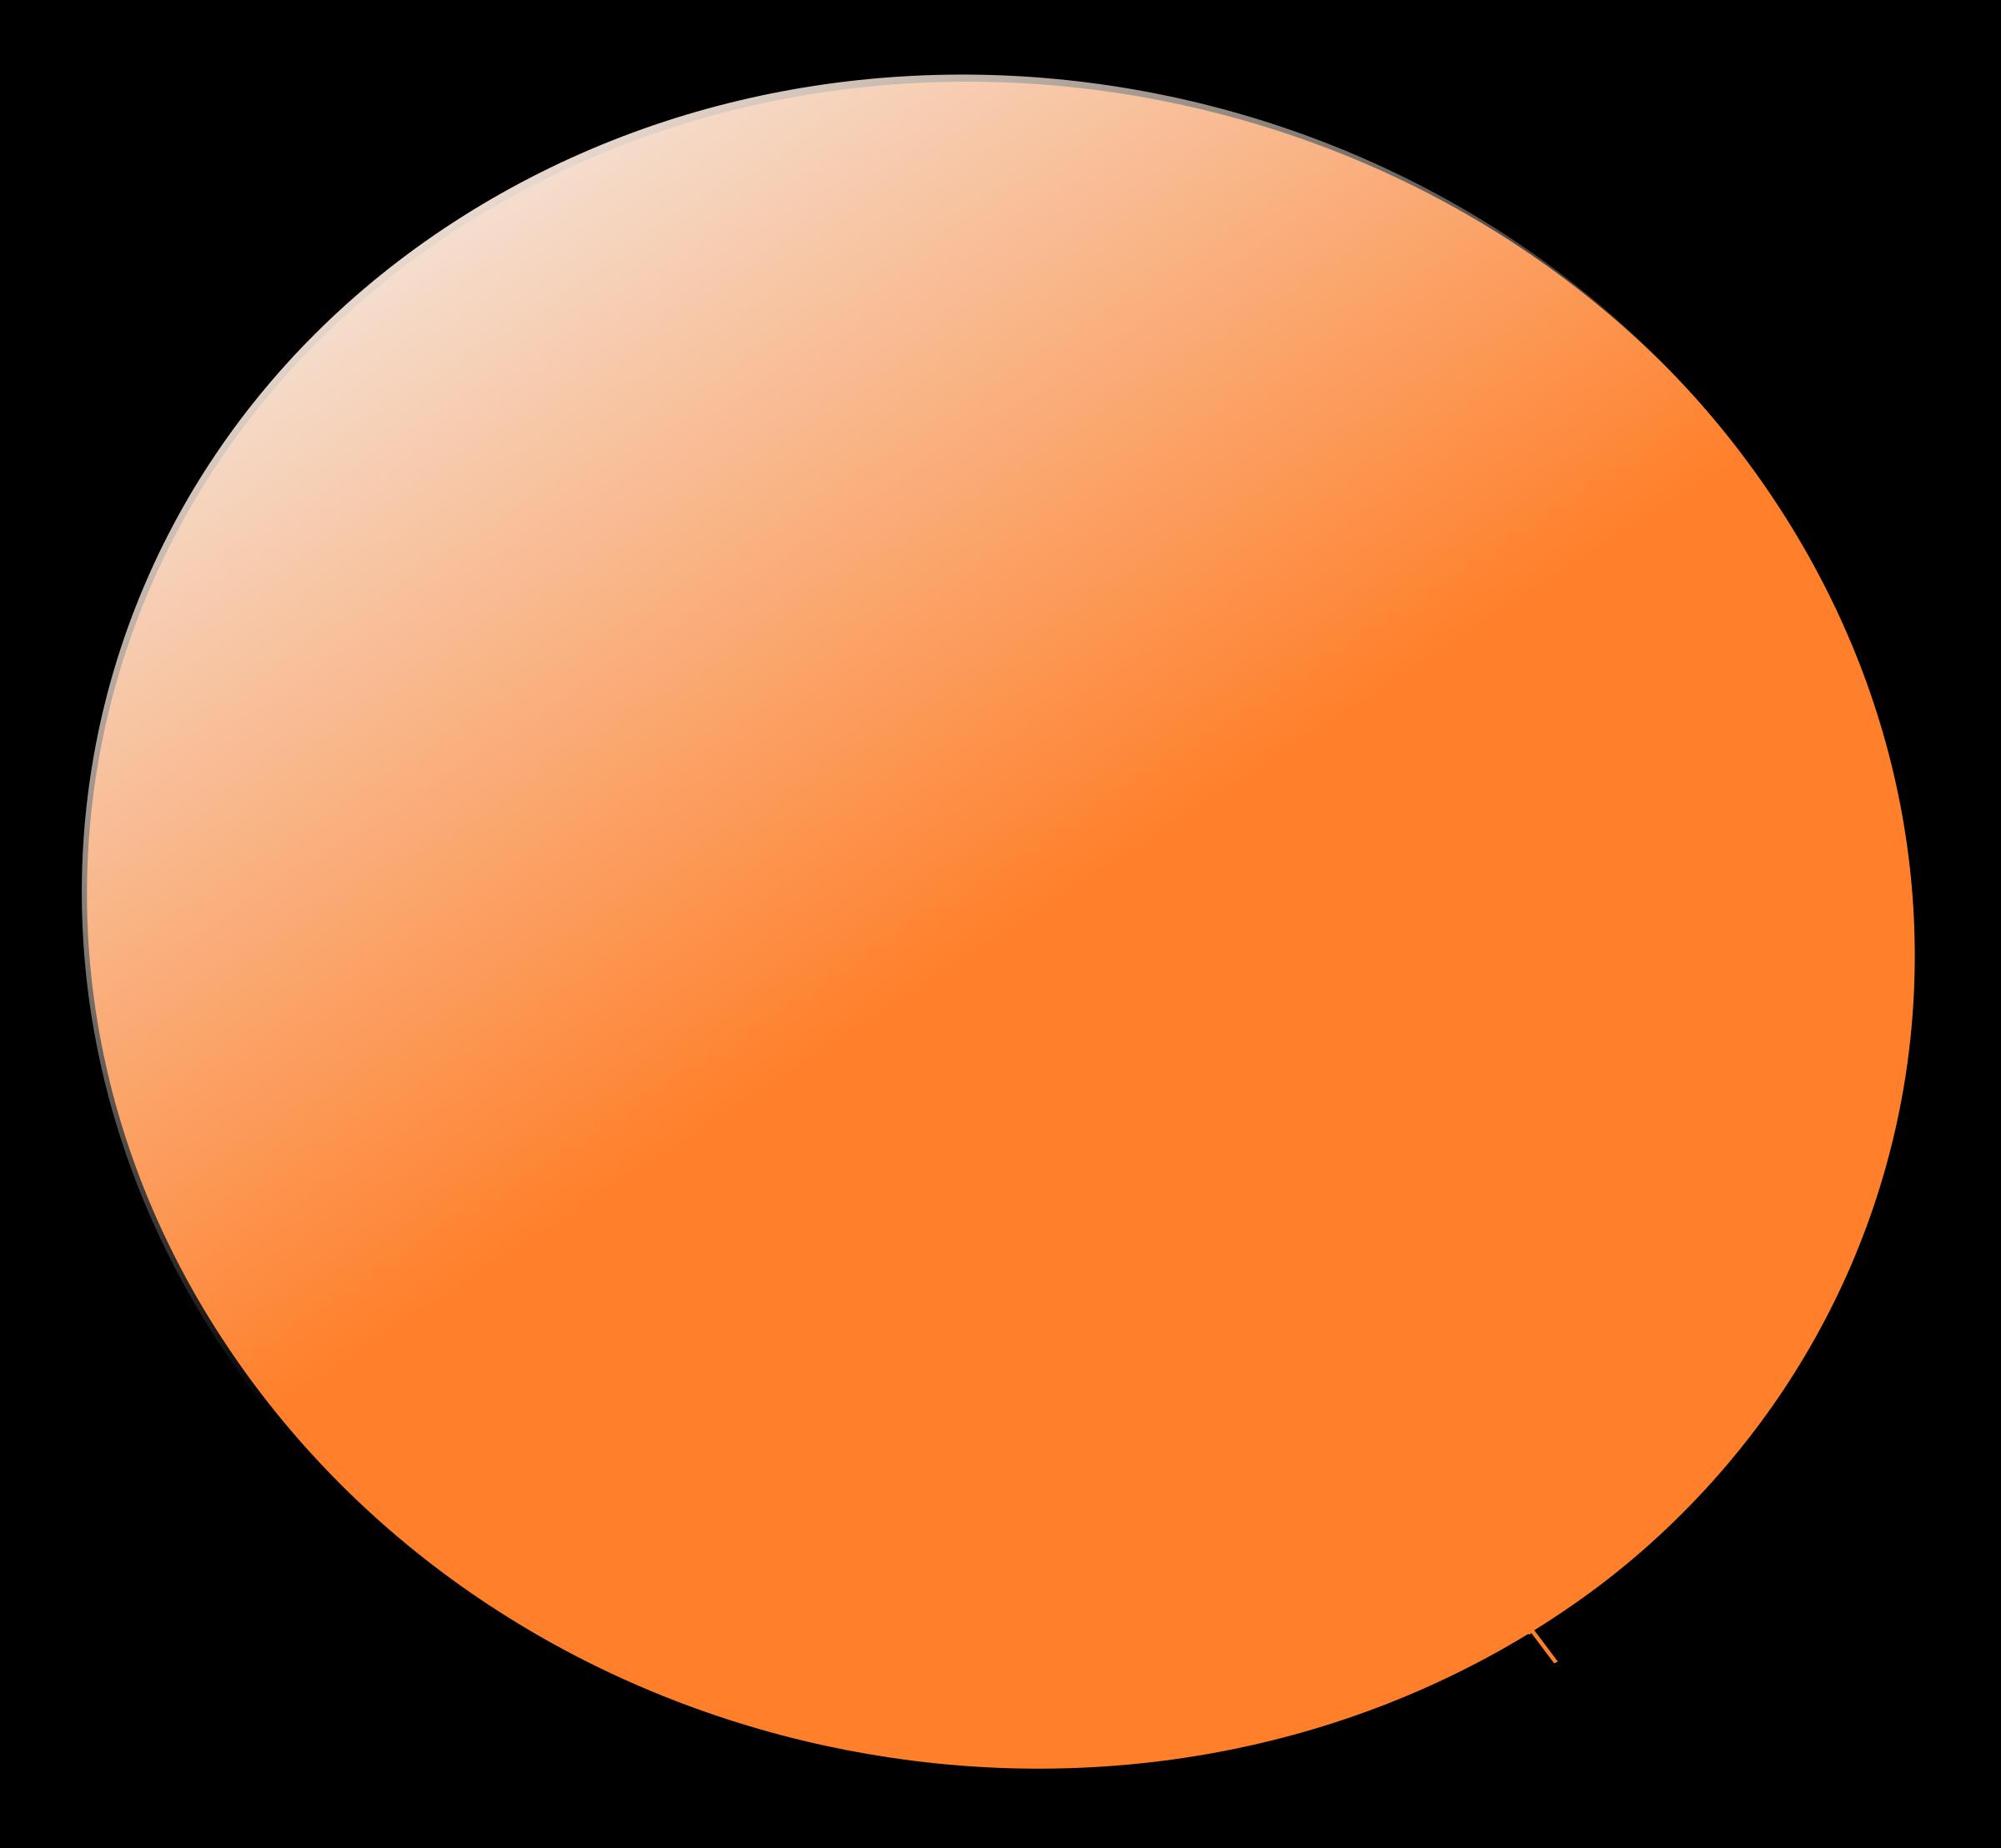 Peg people orange big. Circle clipart fruit